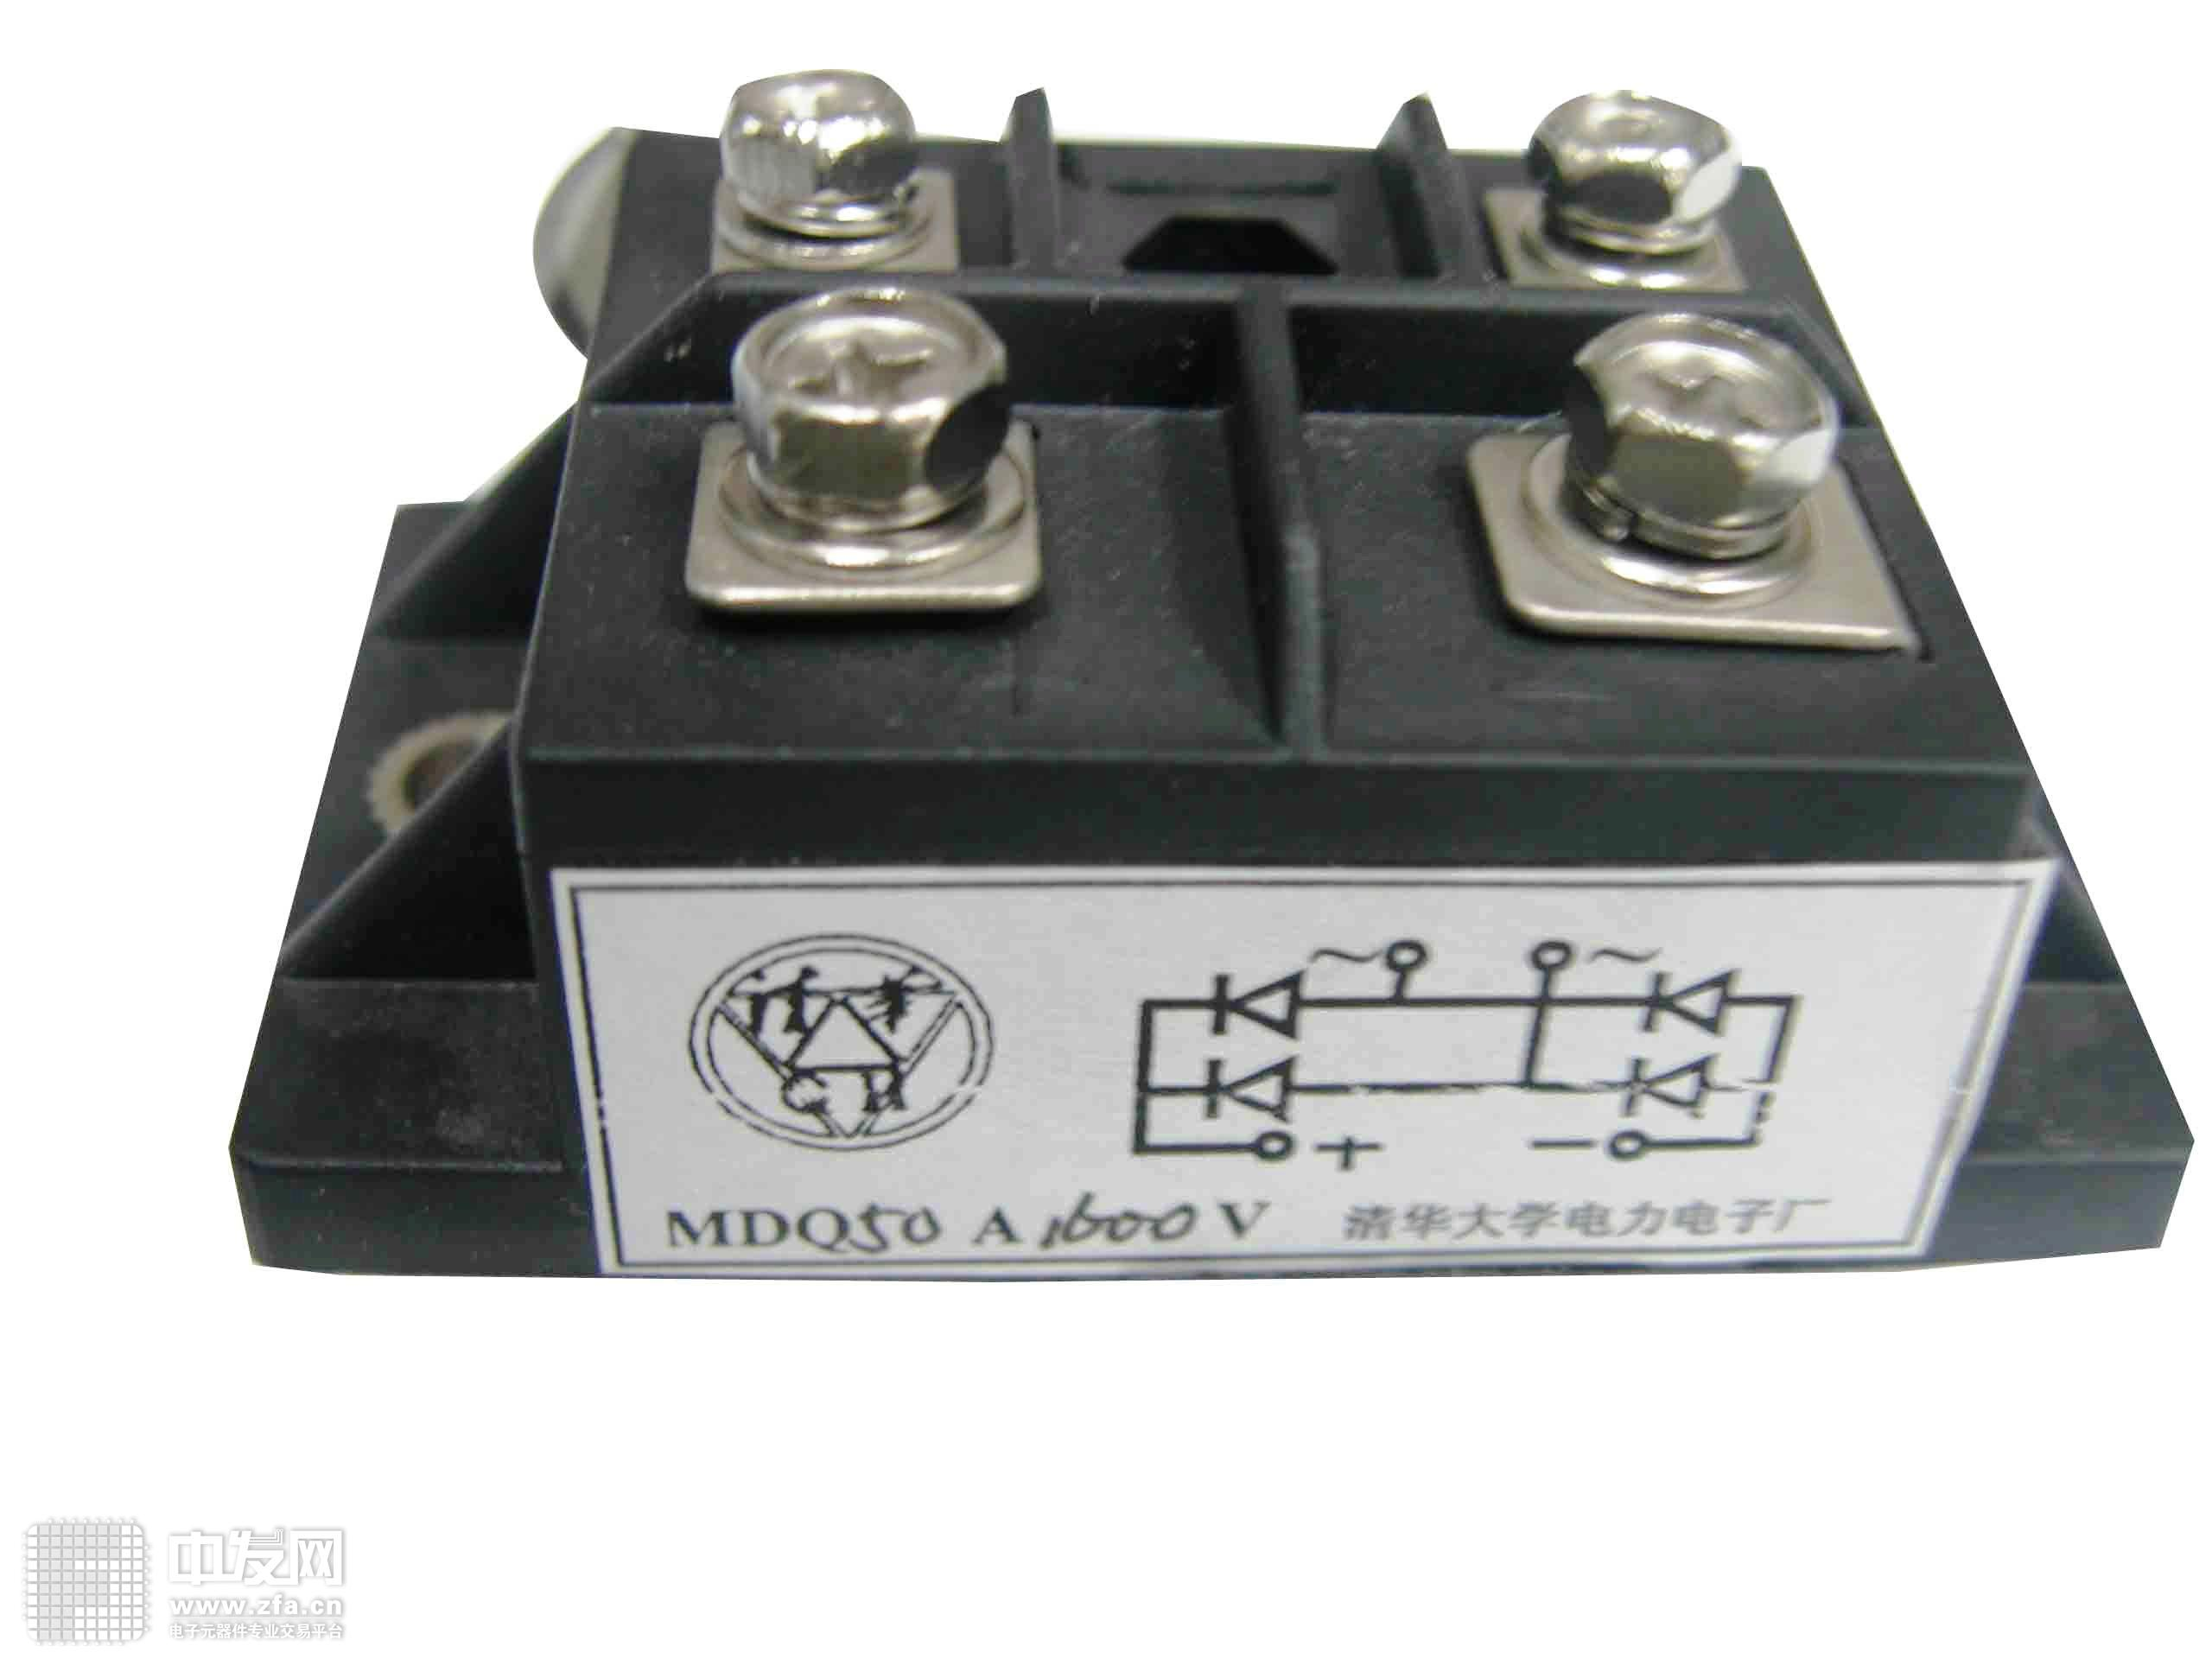 单相整流桥 MDQ50A1600V 国产